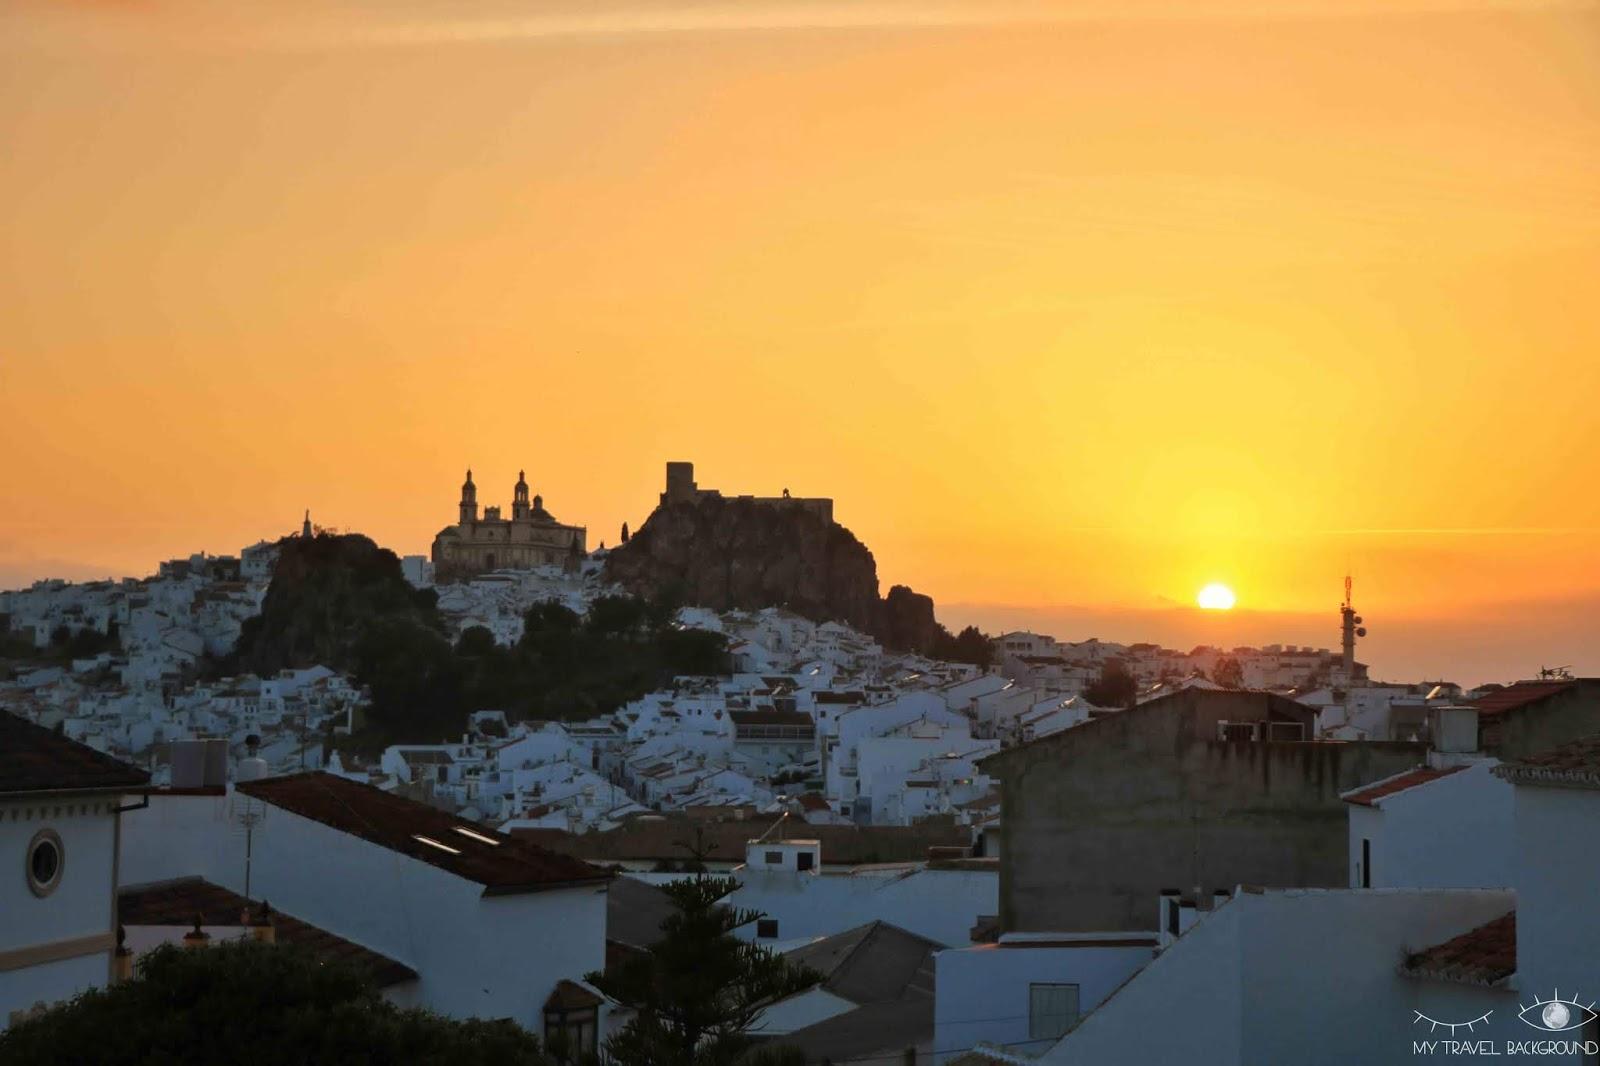 My Travel Background : mon road trip de 10 jours en Andalousie, Espagne : itinéraire et infos pratiques - Olvera